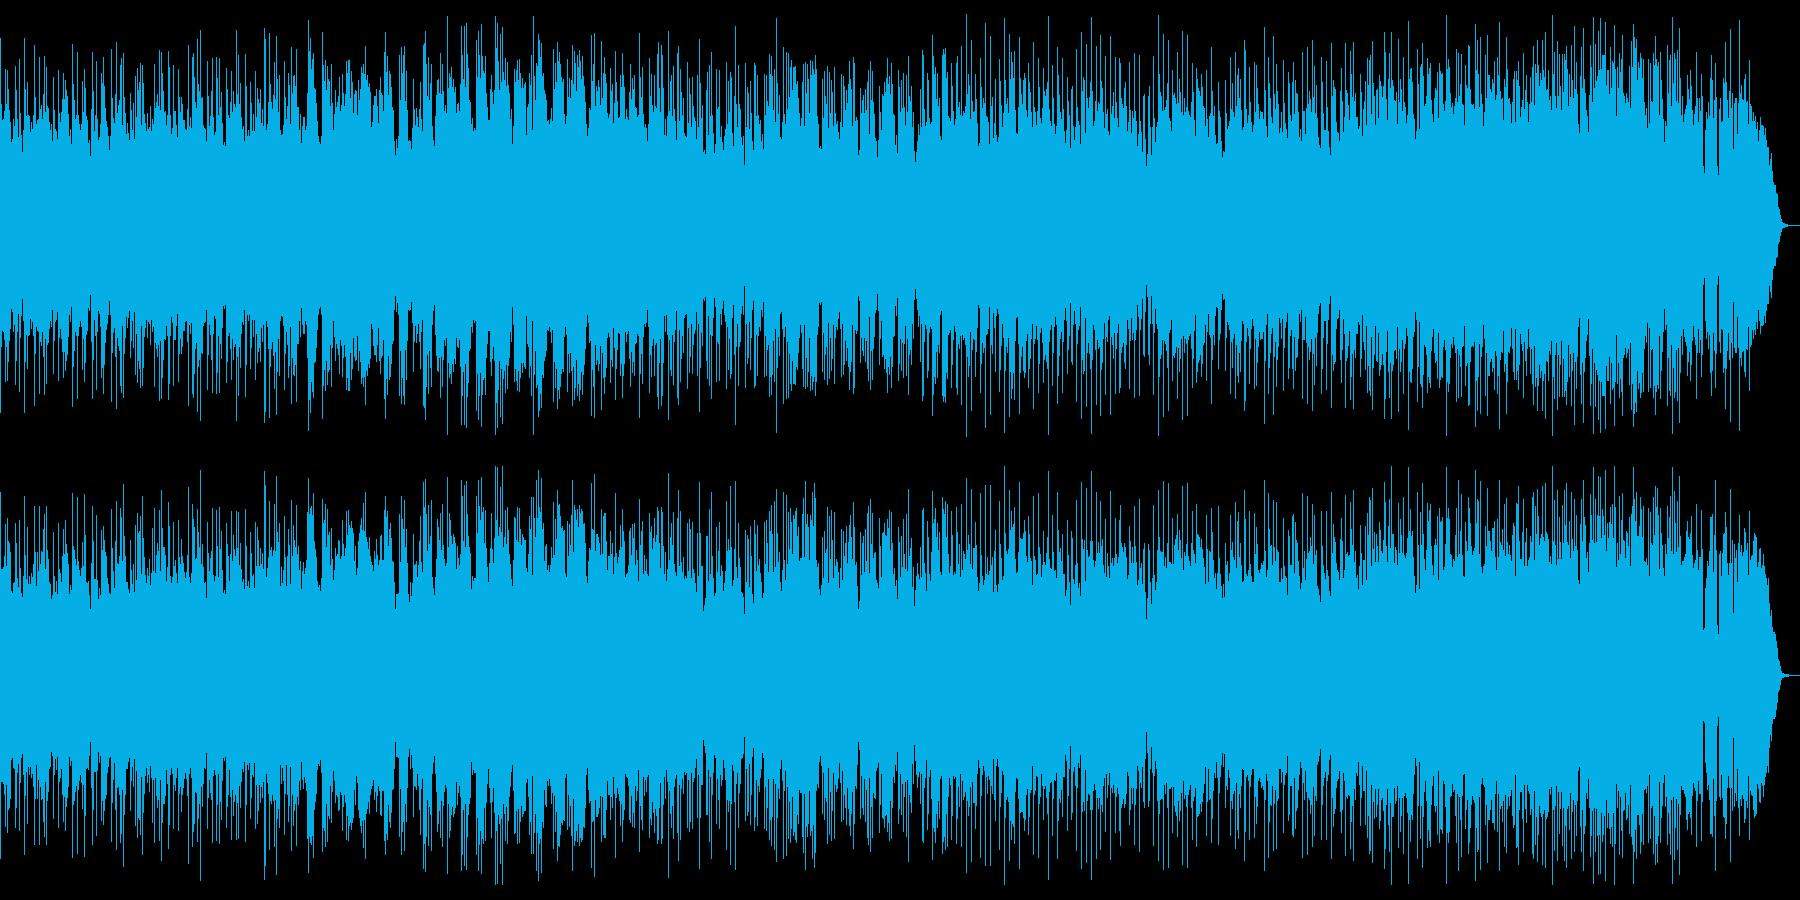 ドラマチックでダークな幻想的ヘビーメタルの再生済みの波形